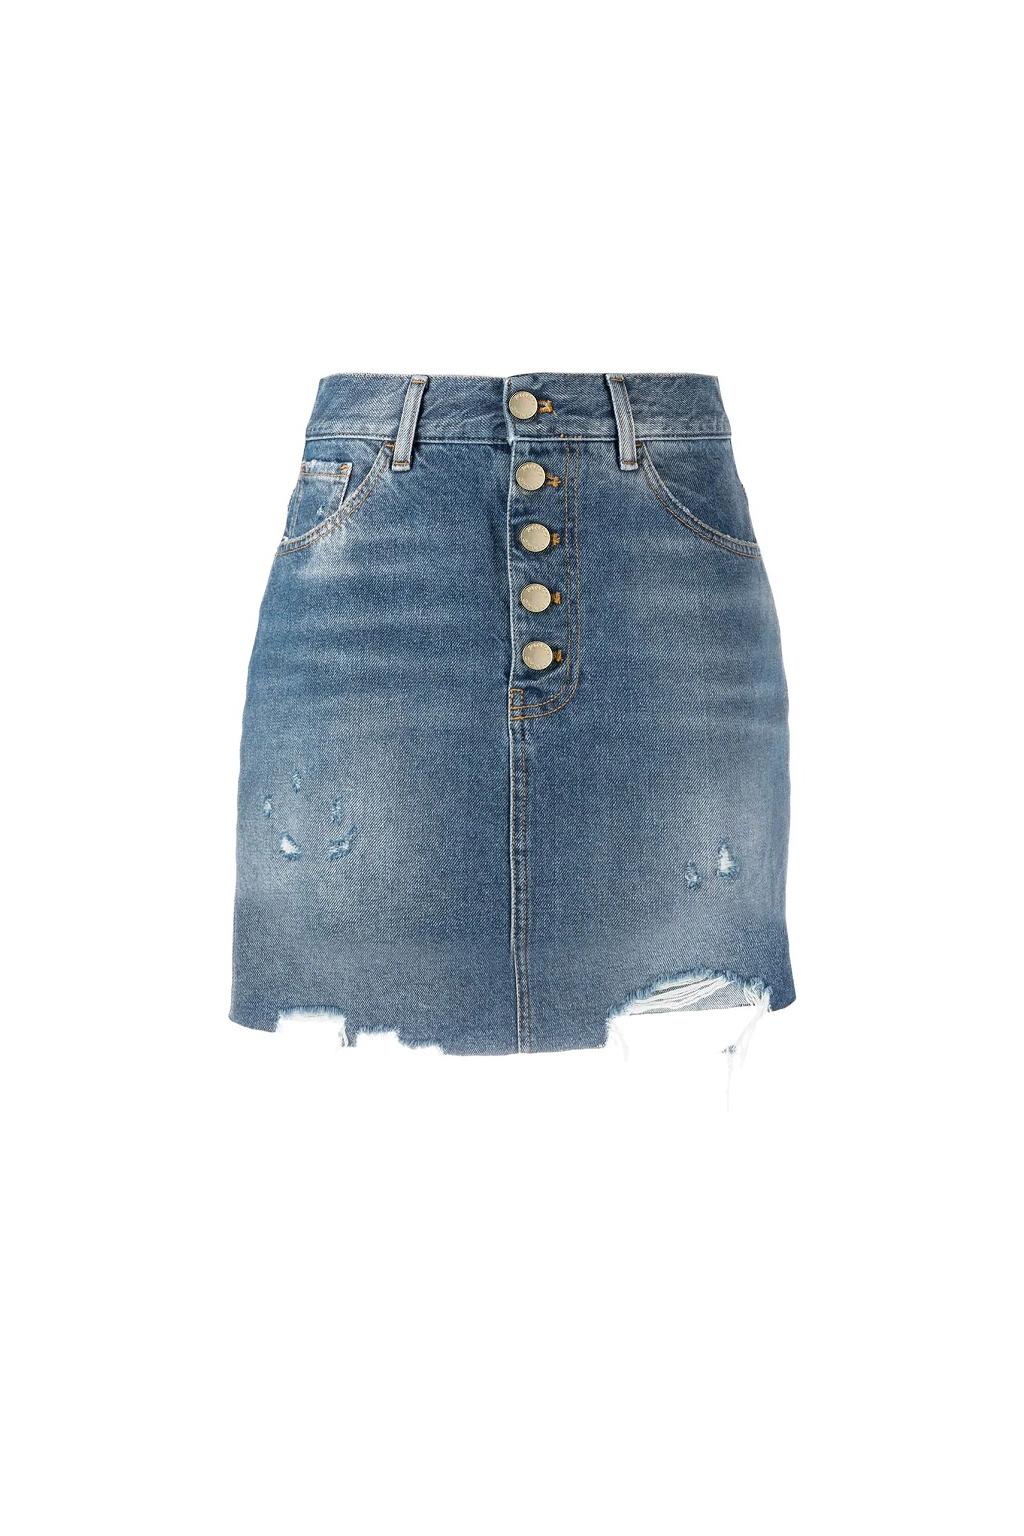 Dámská sukně Pinko Minimad PJ449 modrá